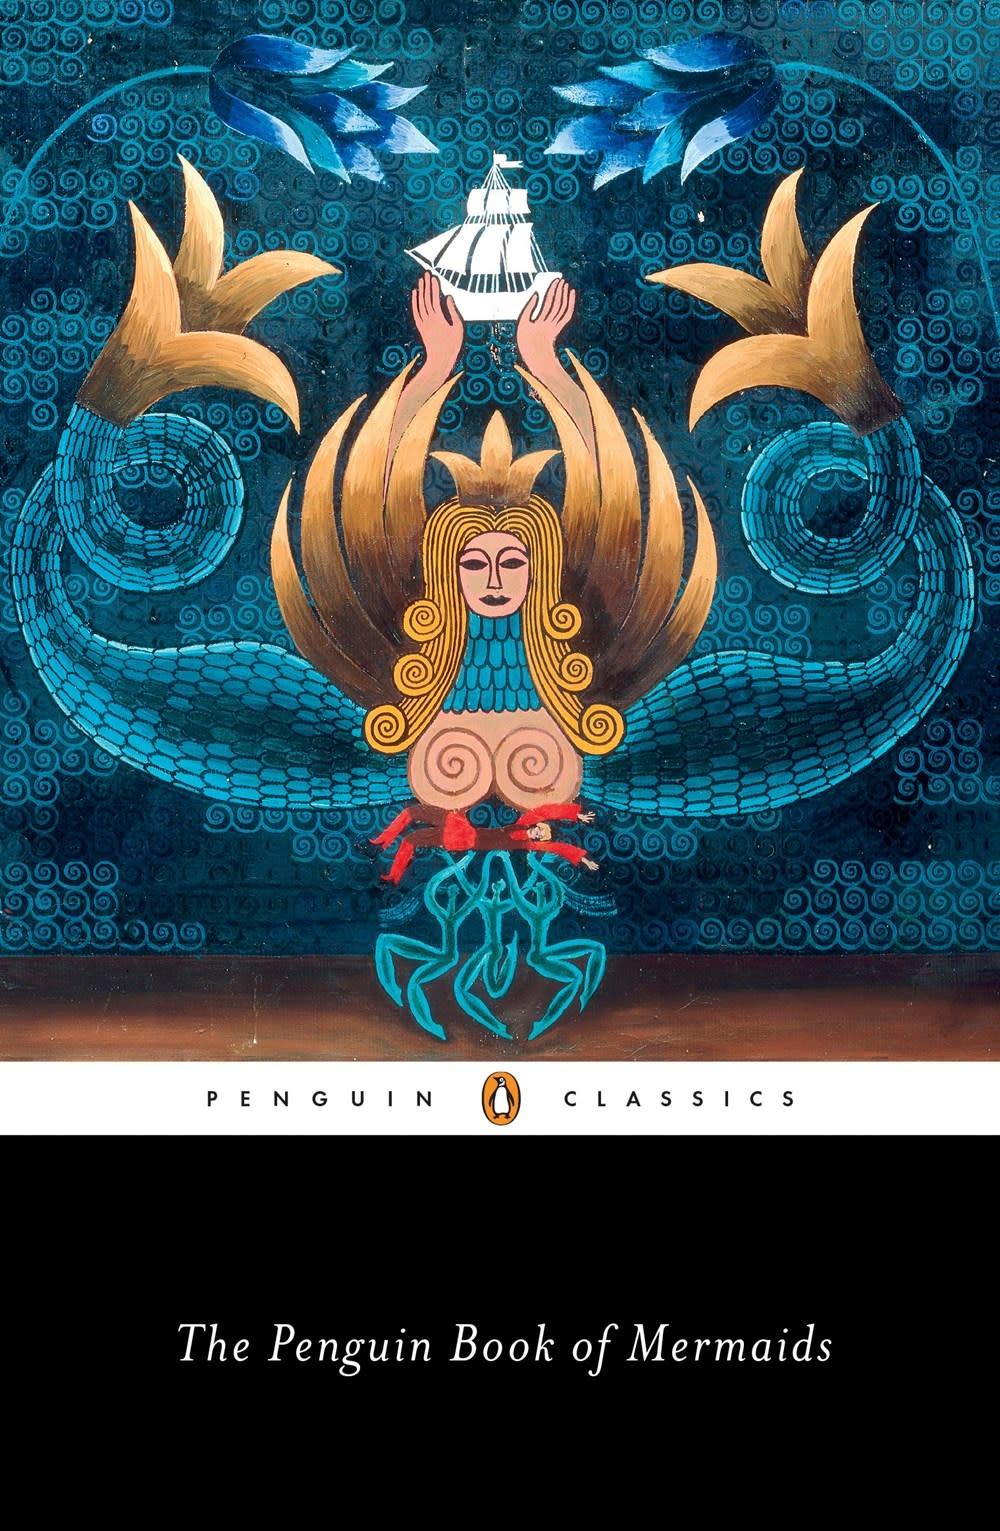 Penguin Classics The Penguin Book of Mermaids